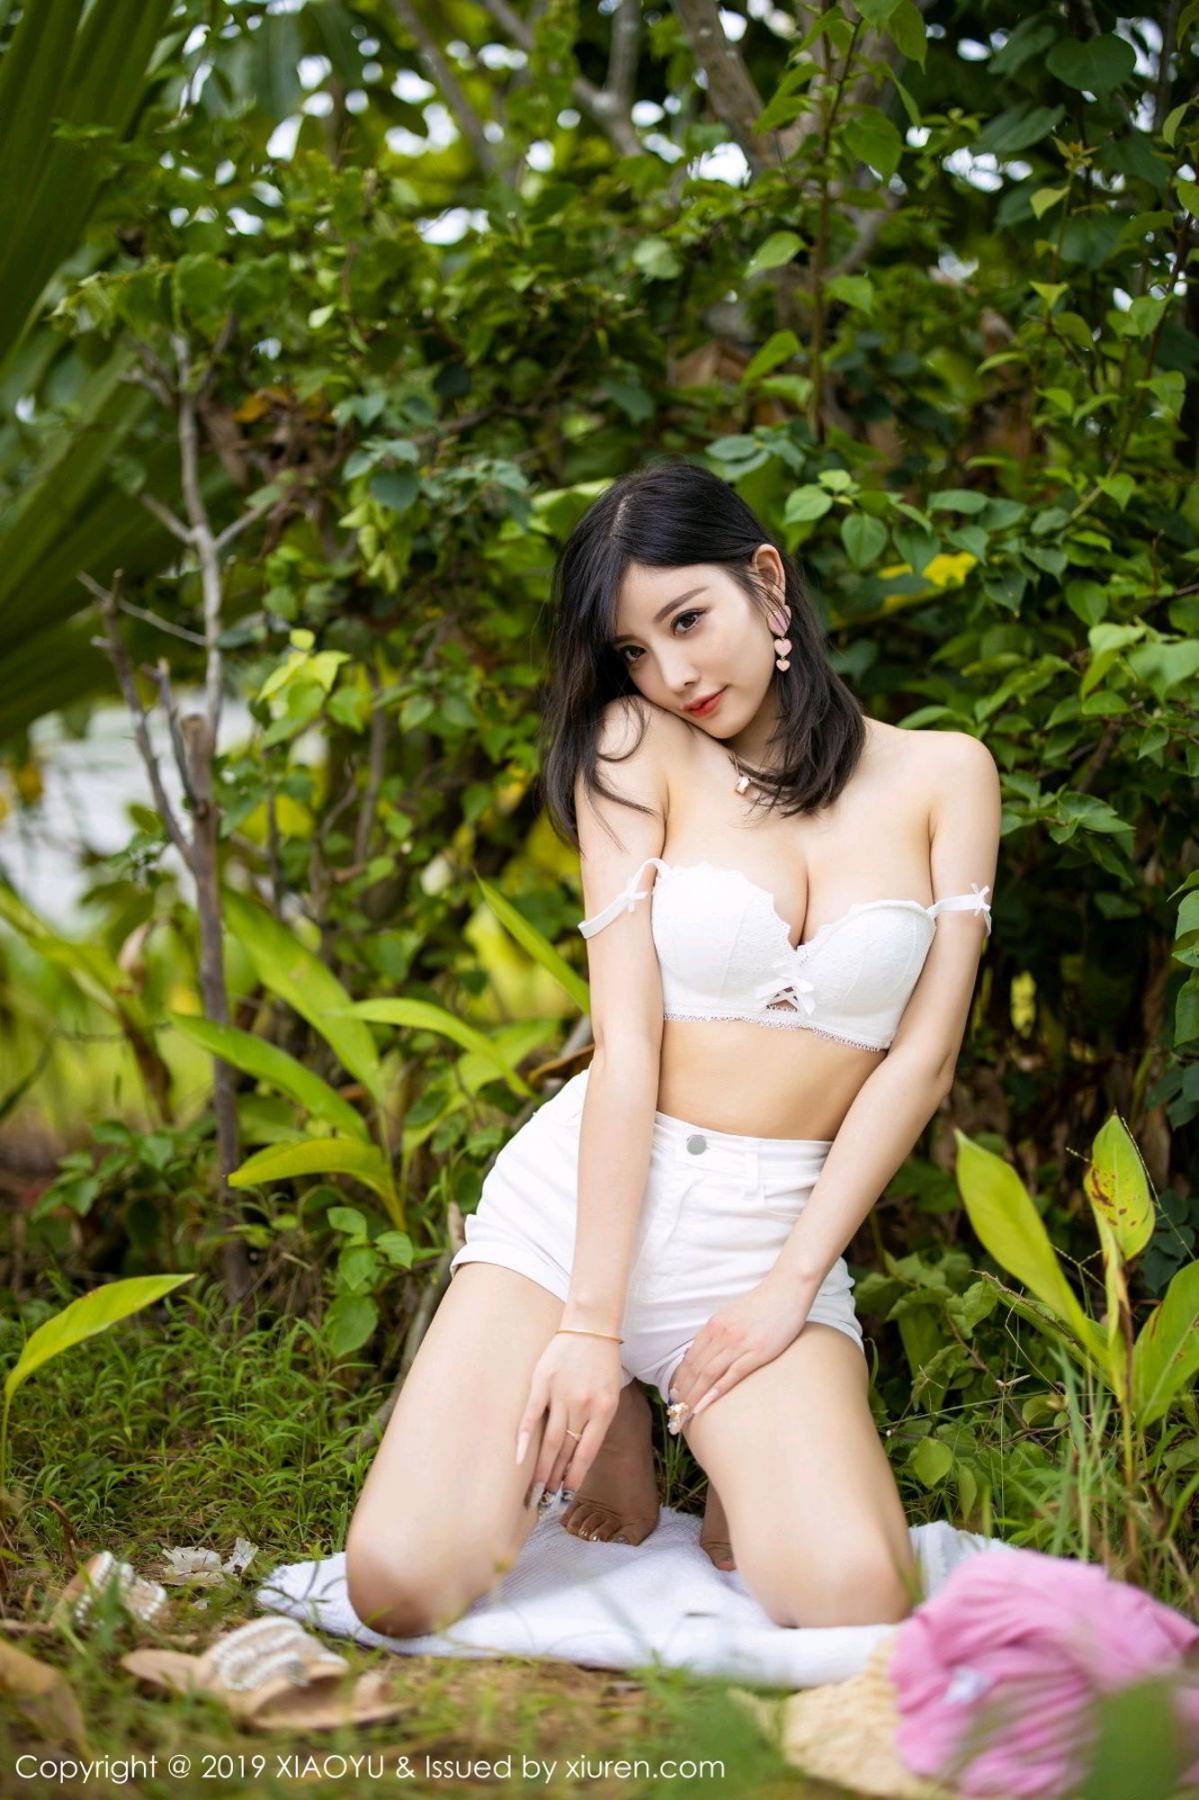 [XiaoYu] Vol.169 Yang Chen Chen 35P, Outdoor, Underwear, XiaoYu, Yang Chen Chen